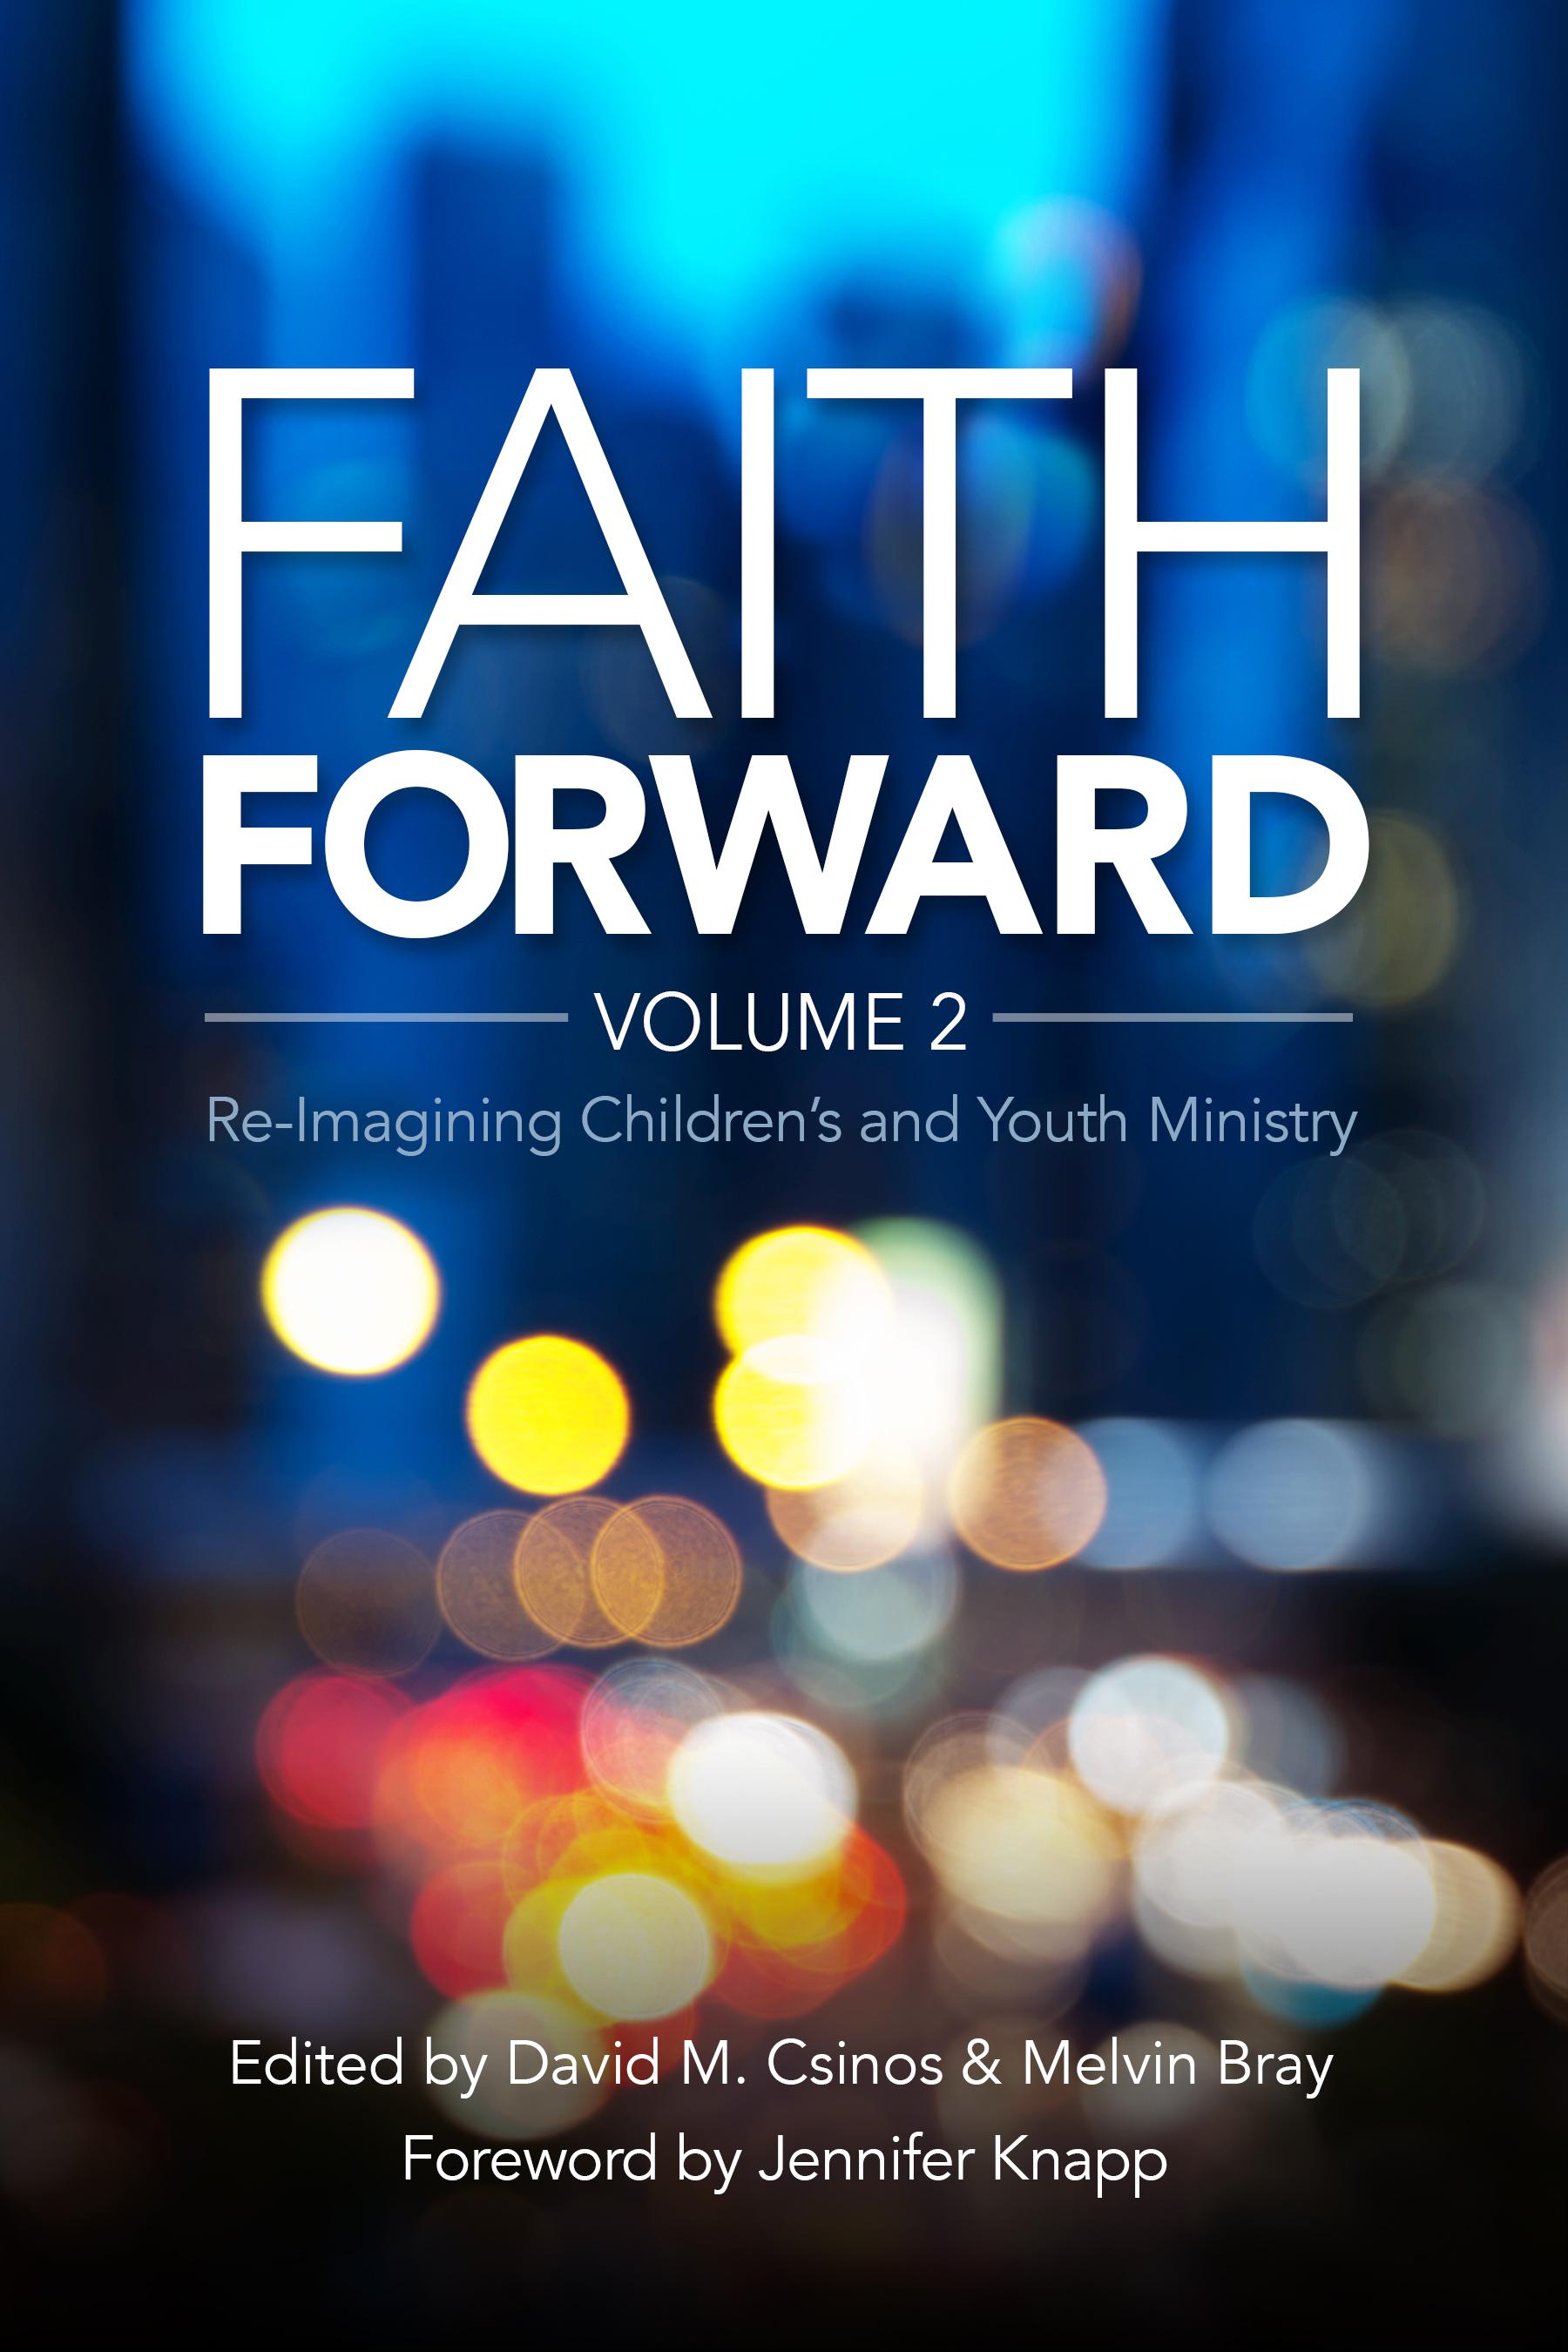 ff-cover-2014.jpeg